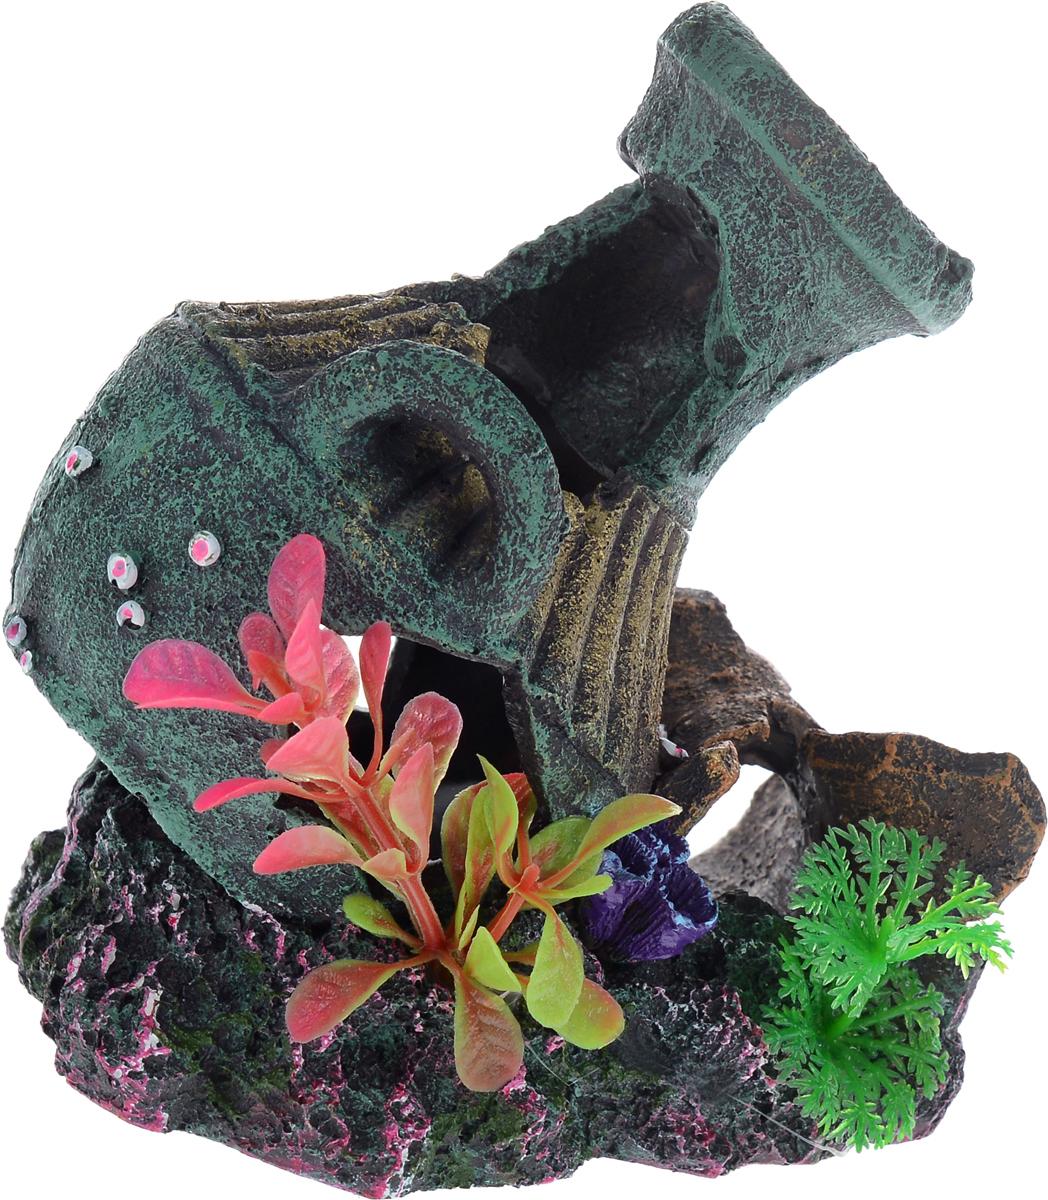 Декорация для аквариума Barbus Амфора, 13,5 х 11,5 х 14 см0120710Декорация для аквариума Barbus Амфора, выполненная из высококачественного нетоксичного полирезина, станет прекрасным украшением вашего аквариума. Изделие отличается реалистичным исполнением с множеством мелких деталей и отверстий. Ведь многие обитатели аквариума используют декорации как укрытия, в которых они живут и размножаются. Декорация абсолютно безопасна, нейтральна к водному балансу, устойчива к истиранию краски, подходит как для пресноводного, так и для морского аквариума. Благодаря декорациям Barbus вы сможете смоделировать потрясающий пейзаж на дне вашего аквариума или террариума.